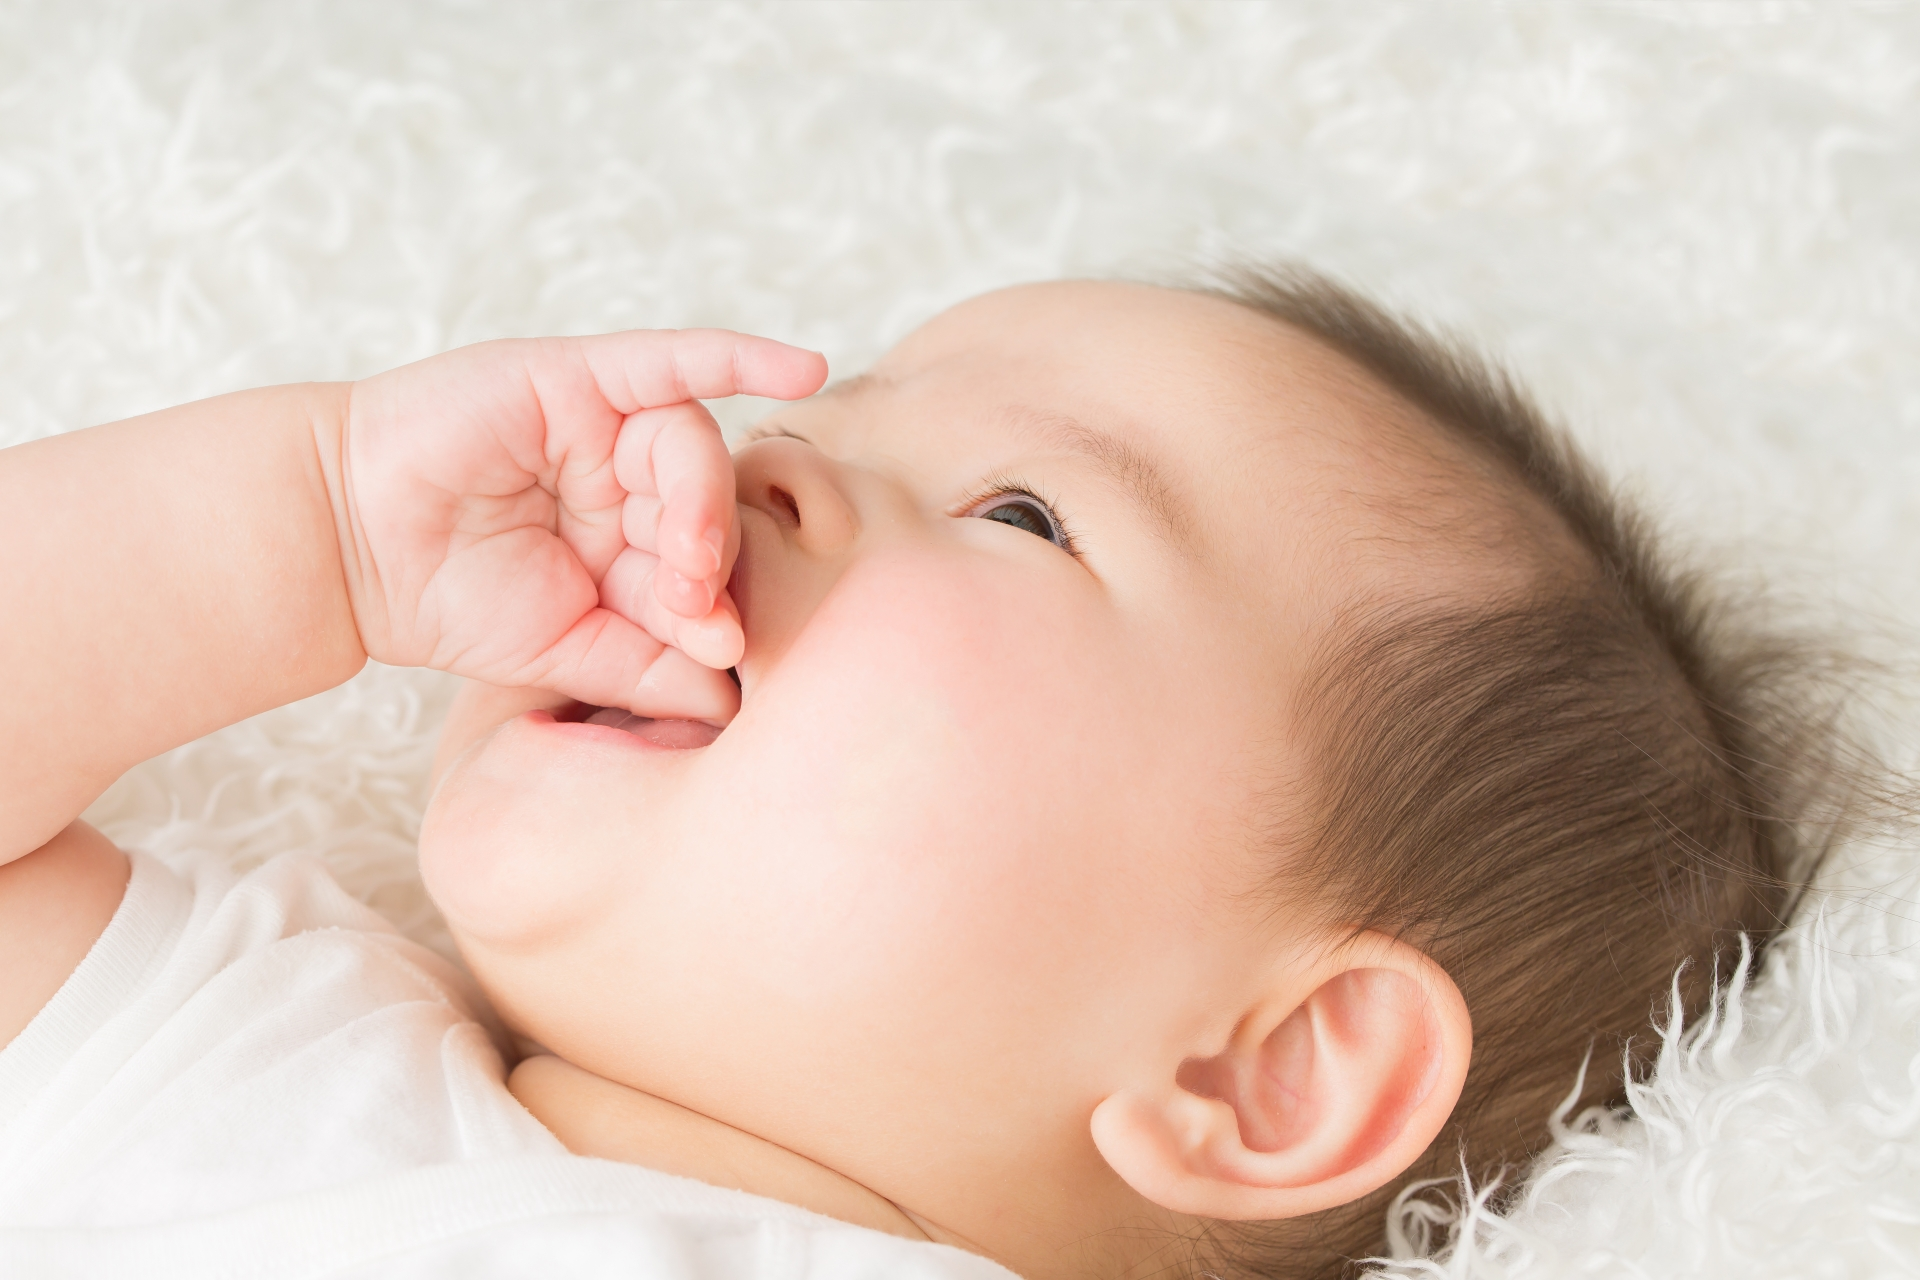 赤ちゃん まぶた の 腫れ